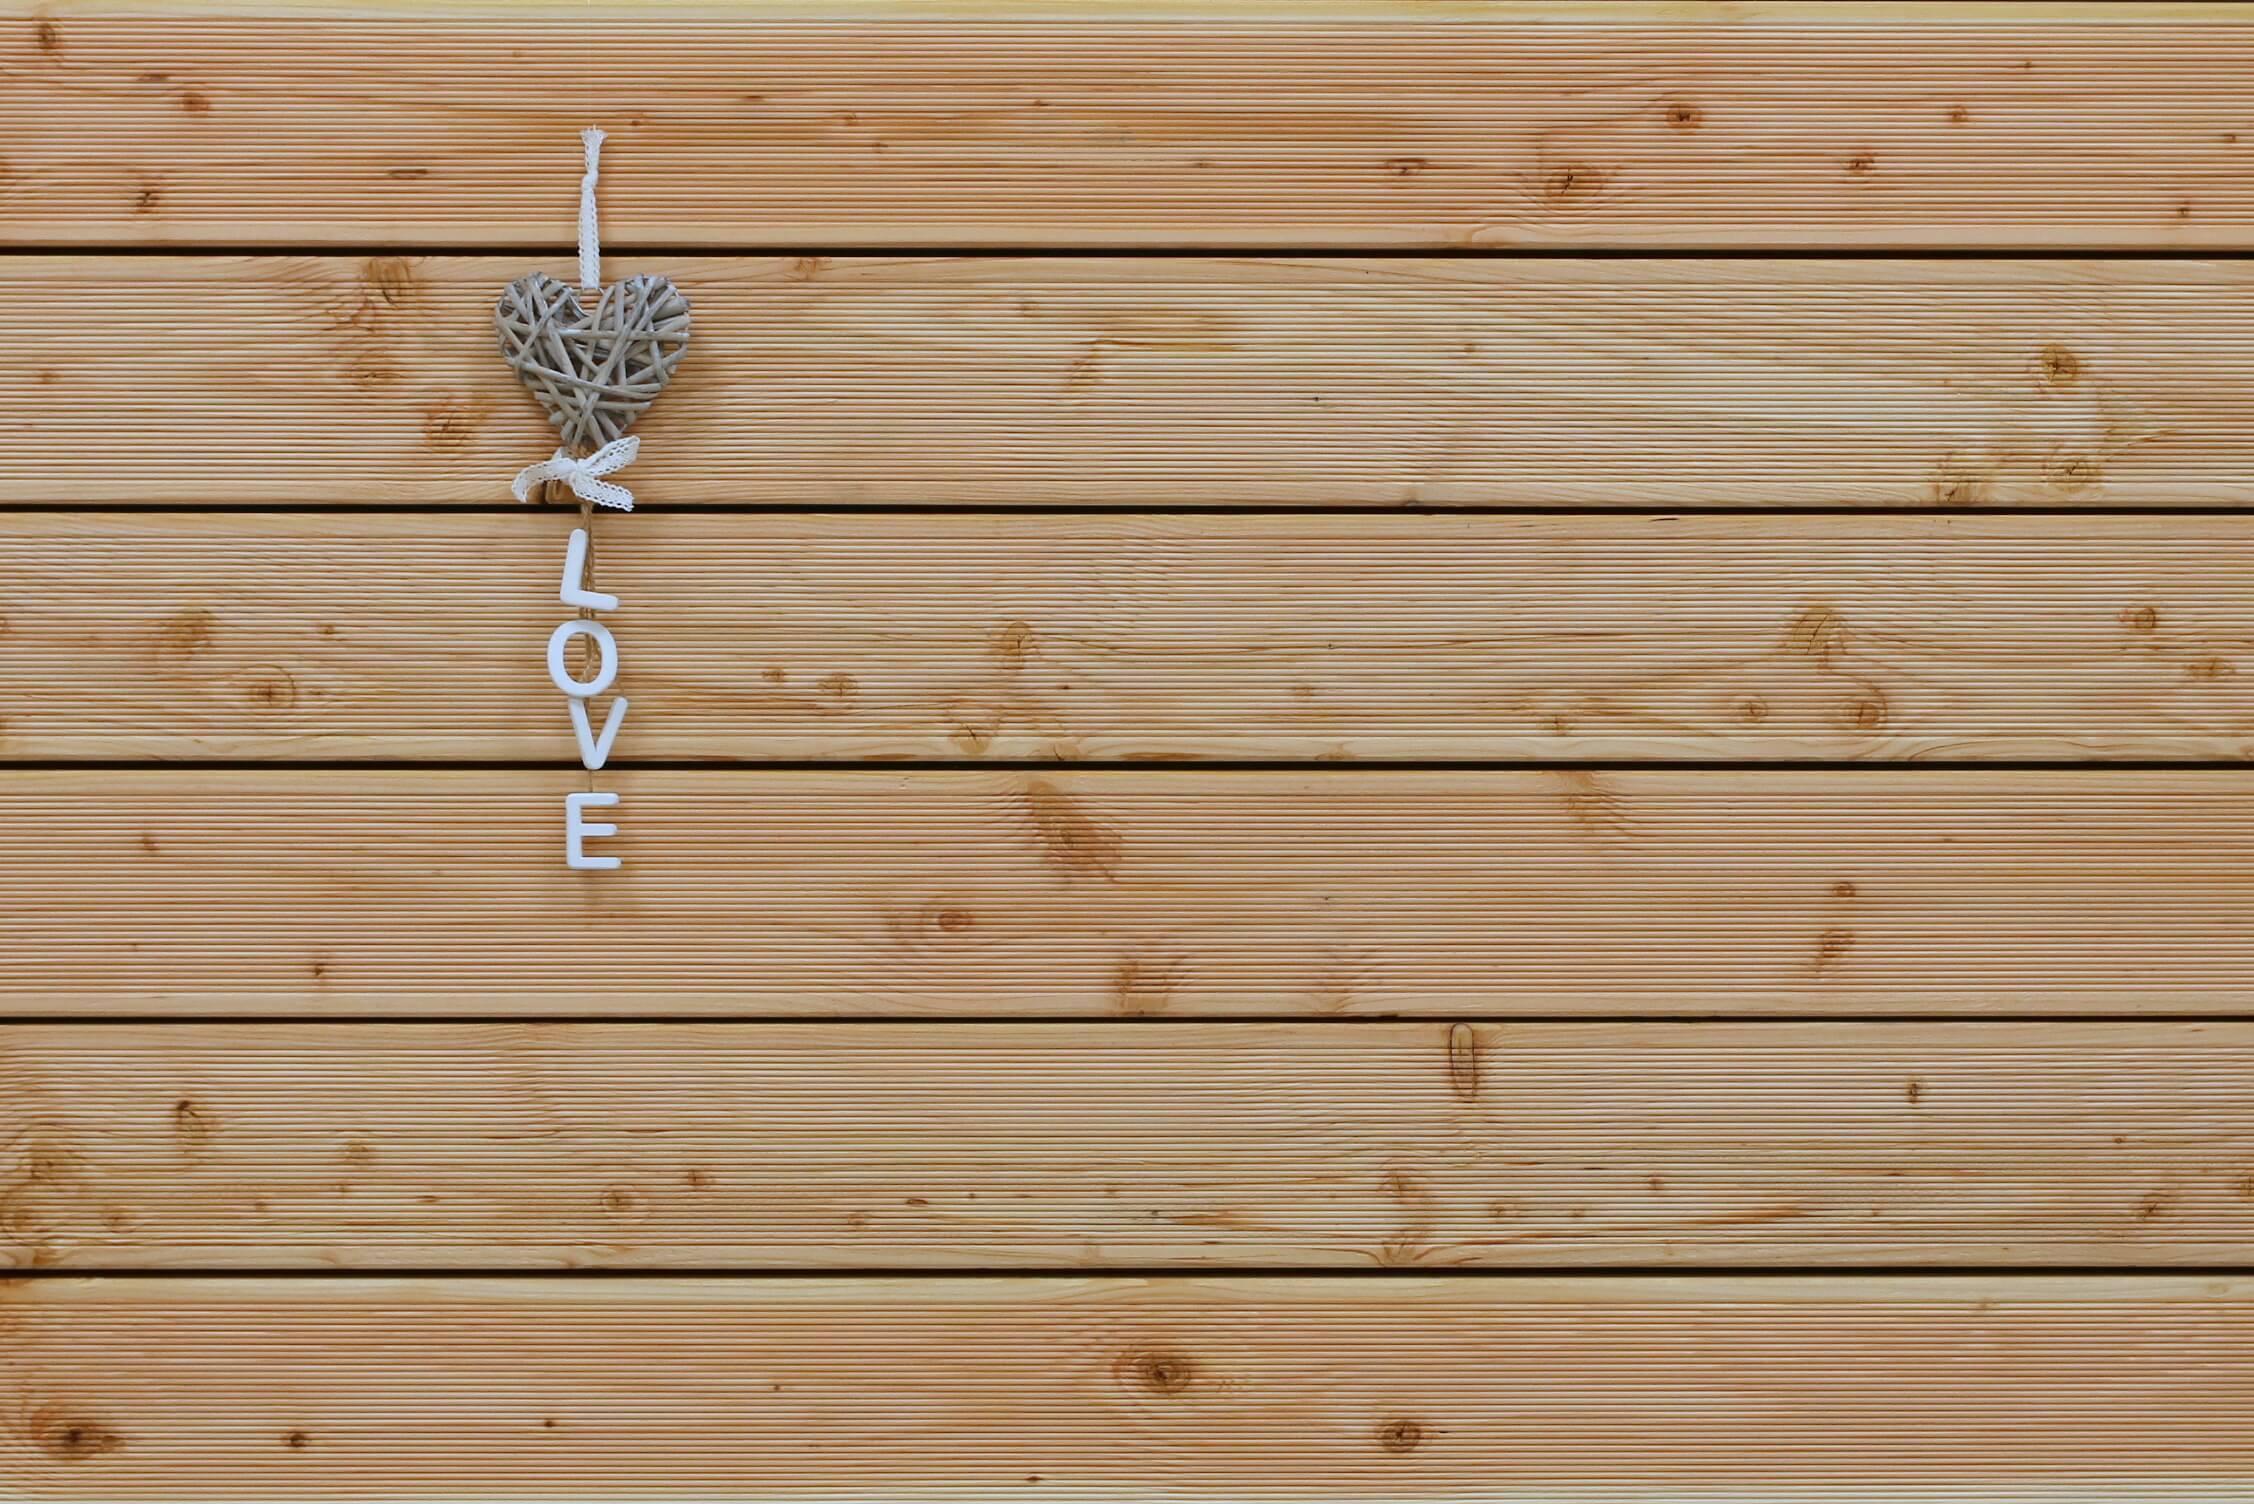 Holzterrasse Douglasie, fein gerillt, 26 x 145 bis 5000 mm Dielen, Holz Bretter für die Terrasse, 5,95 €/lfm